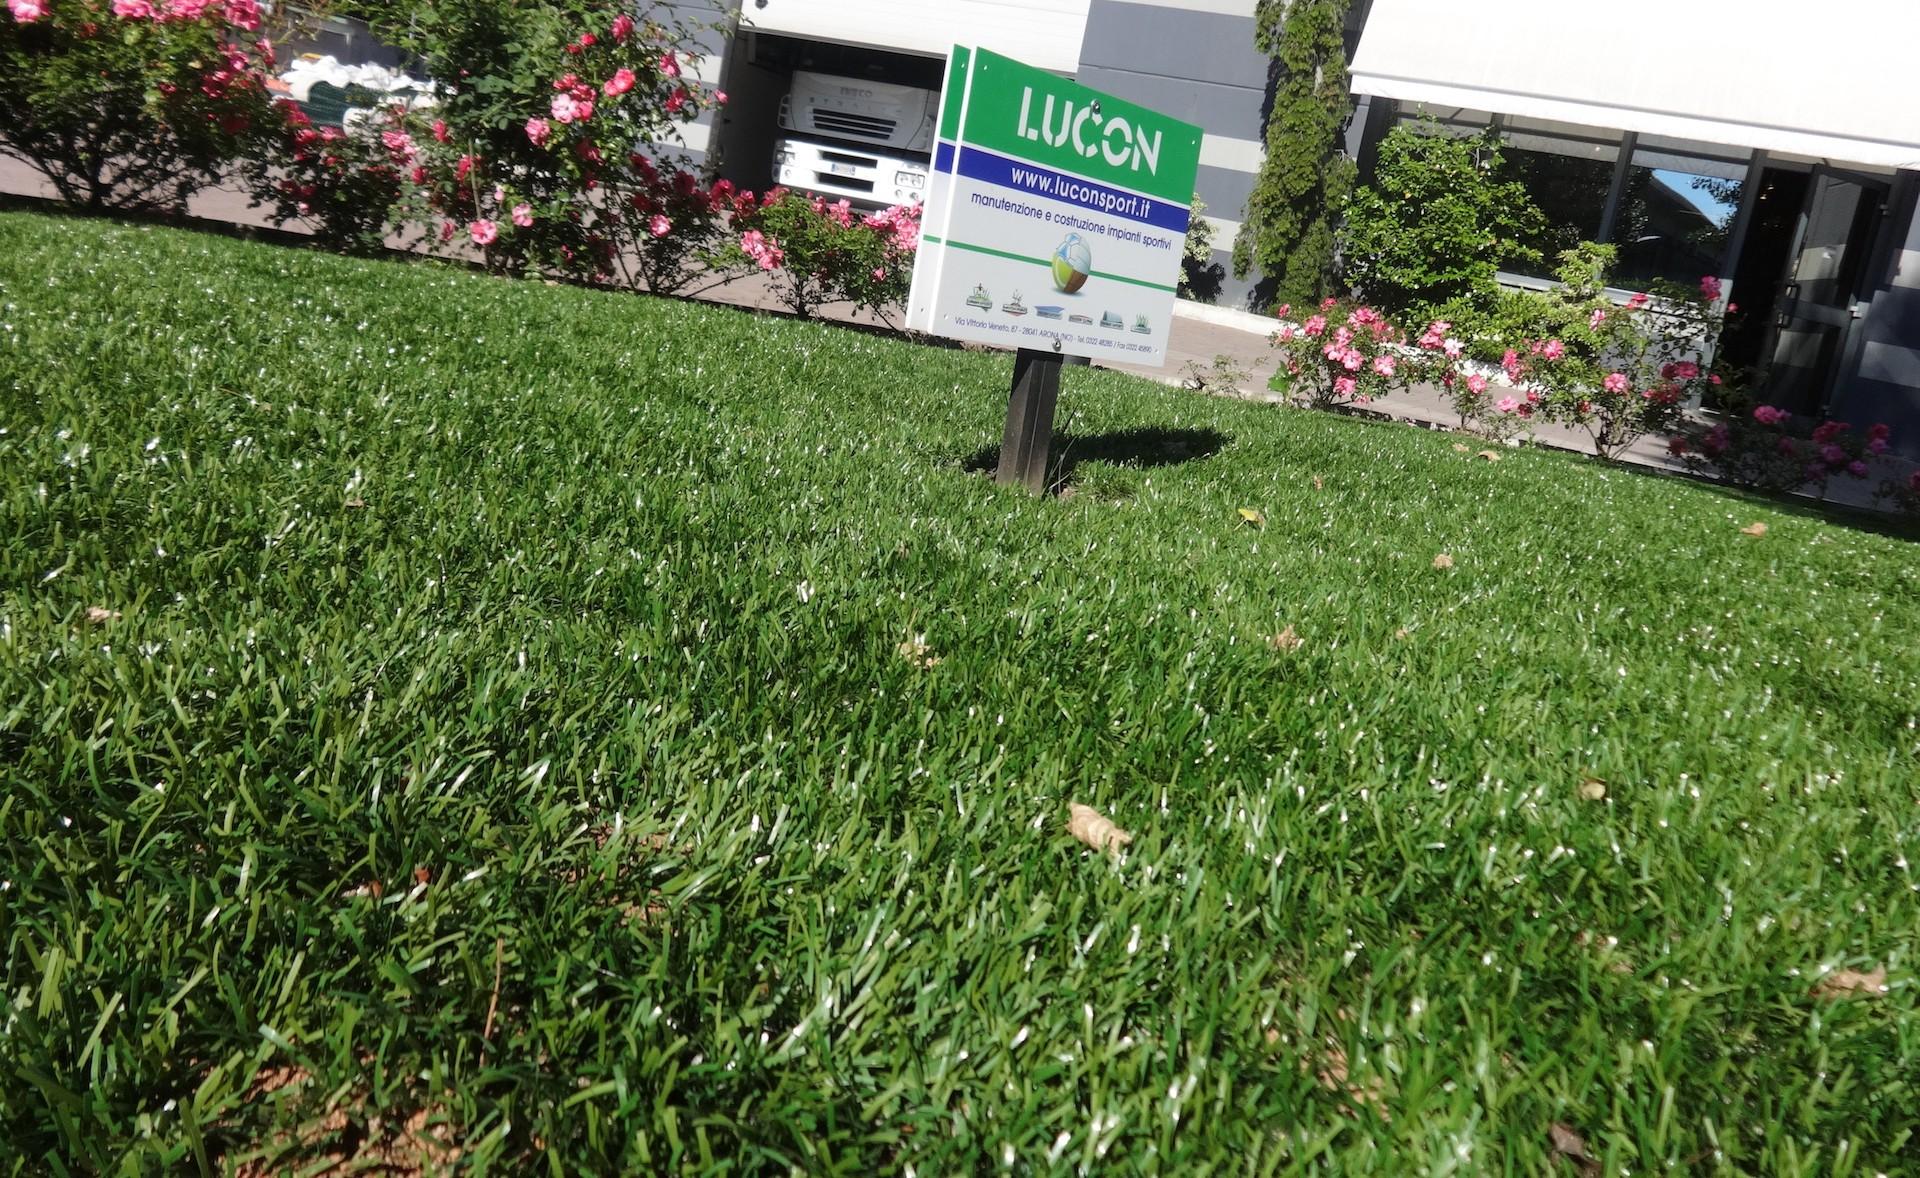 Dettaglio erba sintetica Lucon